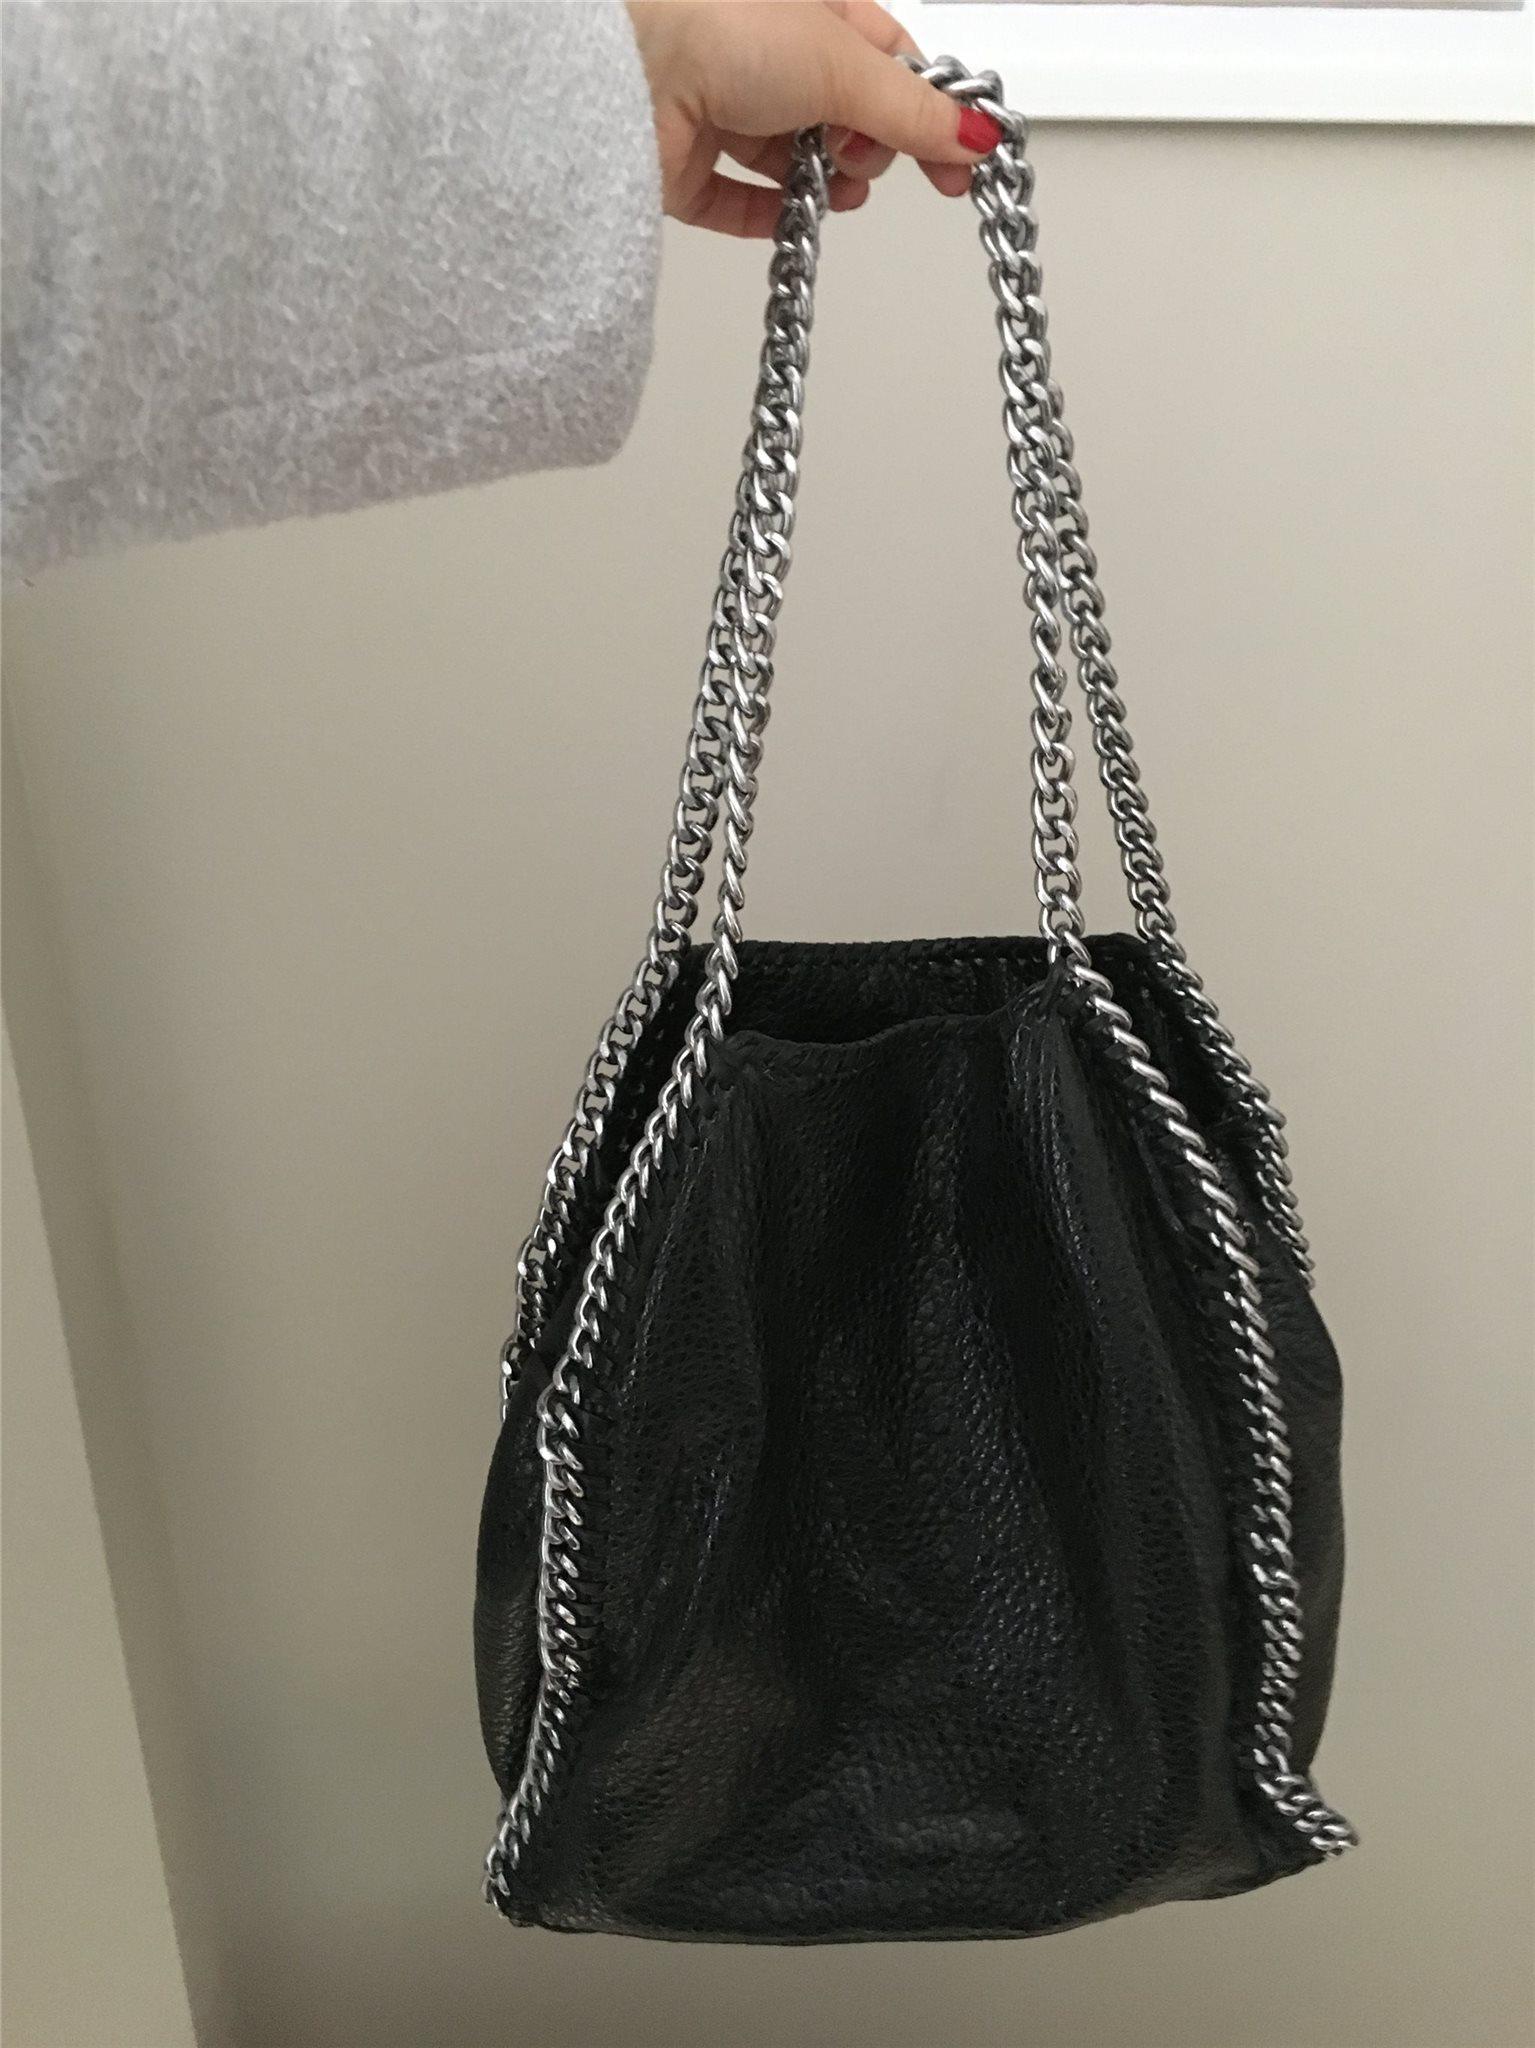 väska med kedjehandtag